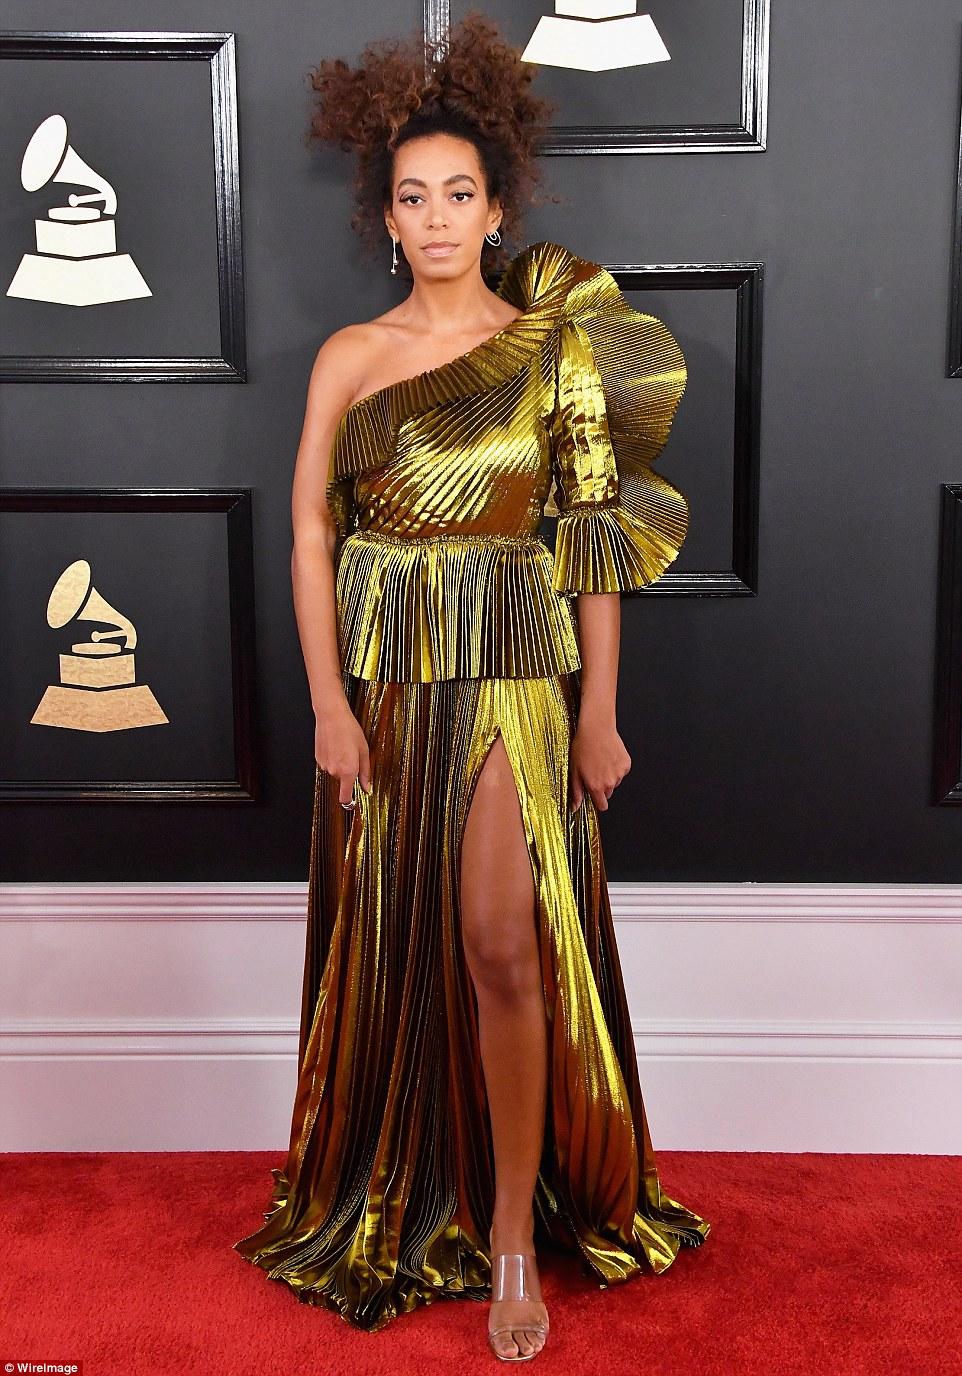 Solange aranyban. Ő is beillenne a legrosszabbul öltözöttek közé.